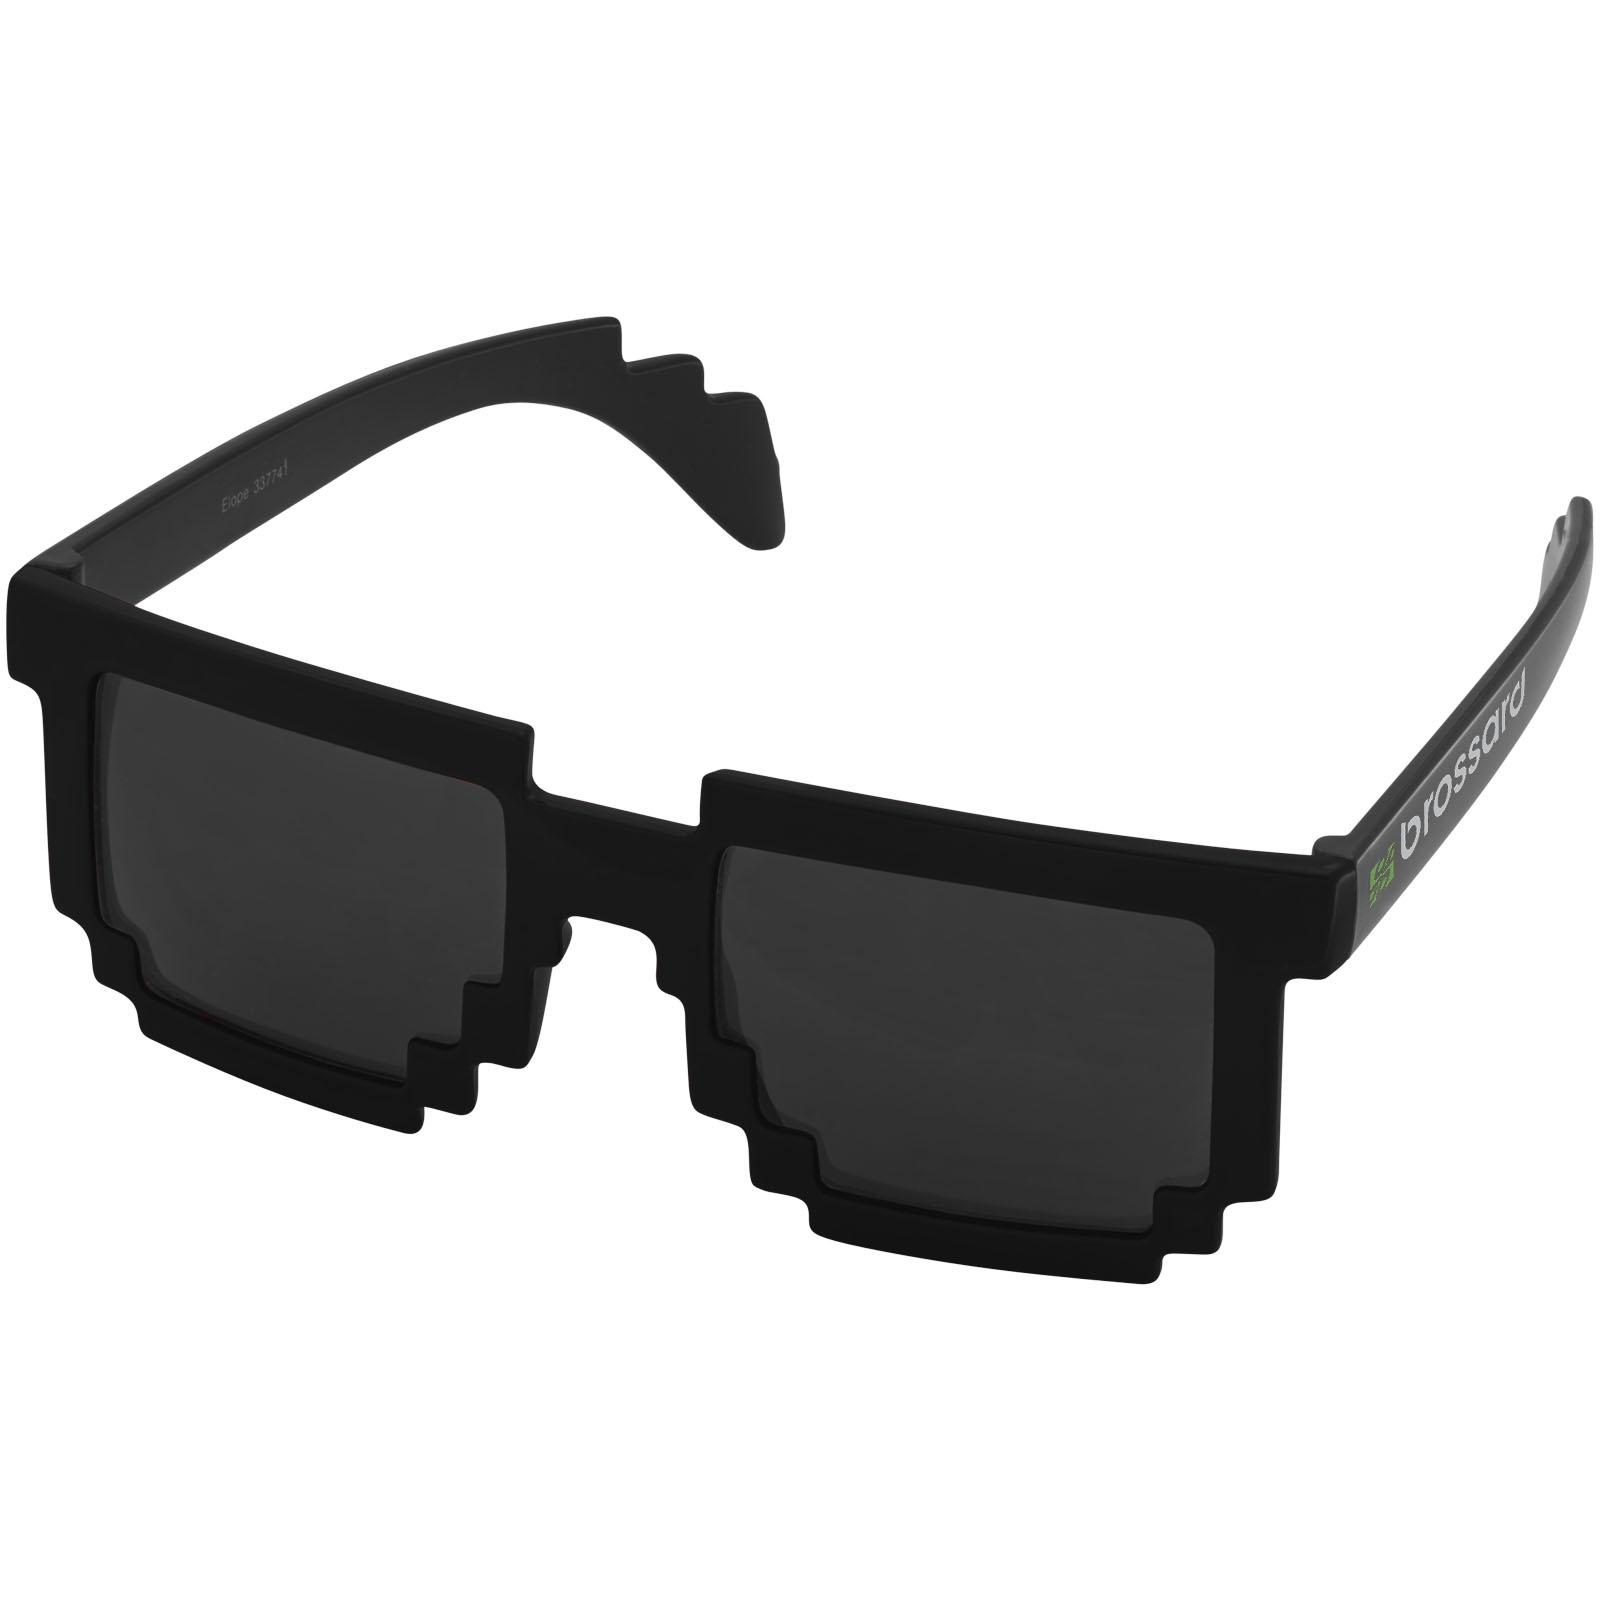 de62e1af27c641 Pixel zonnebril bedrukken  - Voordelig   snel bestellen